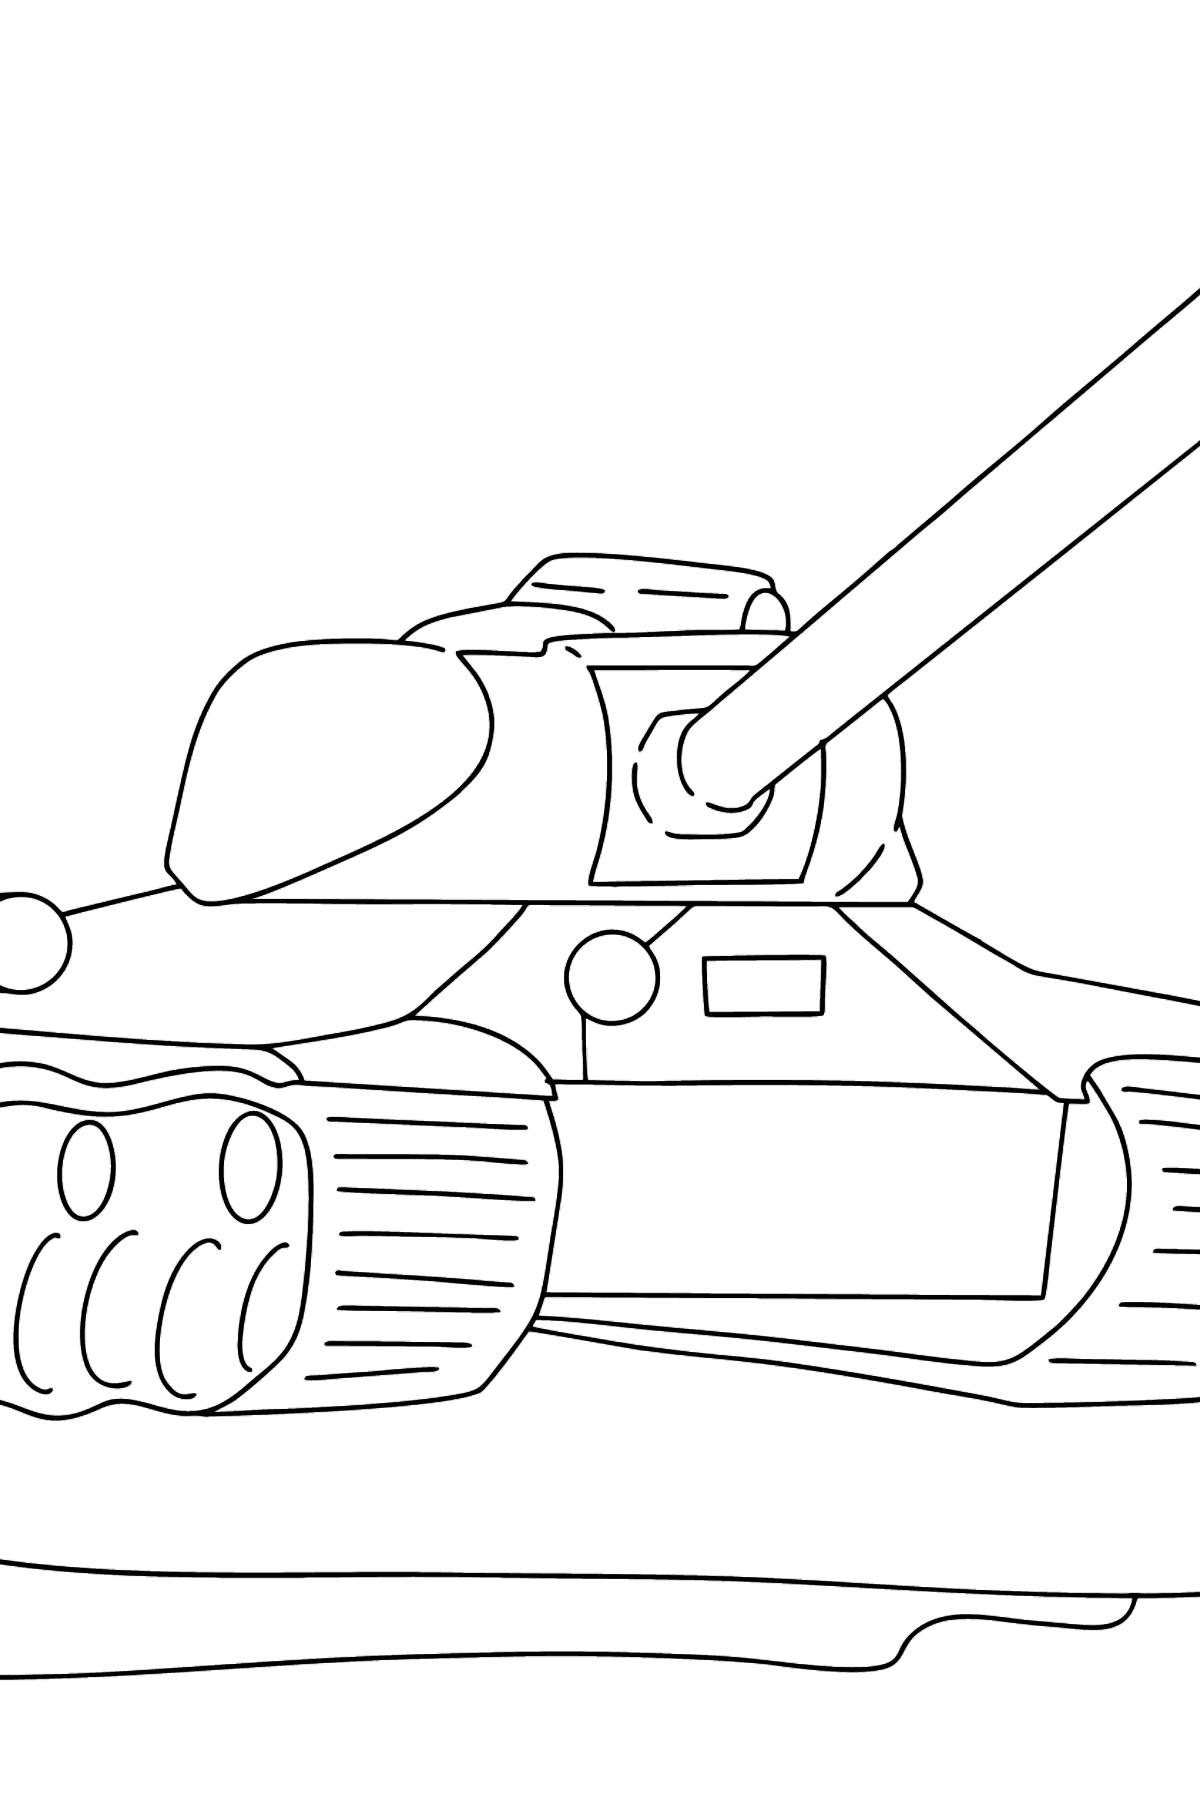 Coloriage - Tank IS 2 - Coloriages pour les Enfants